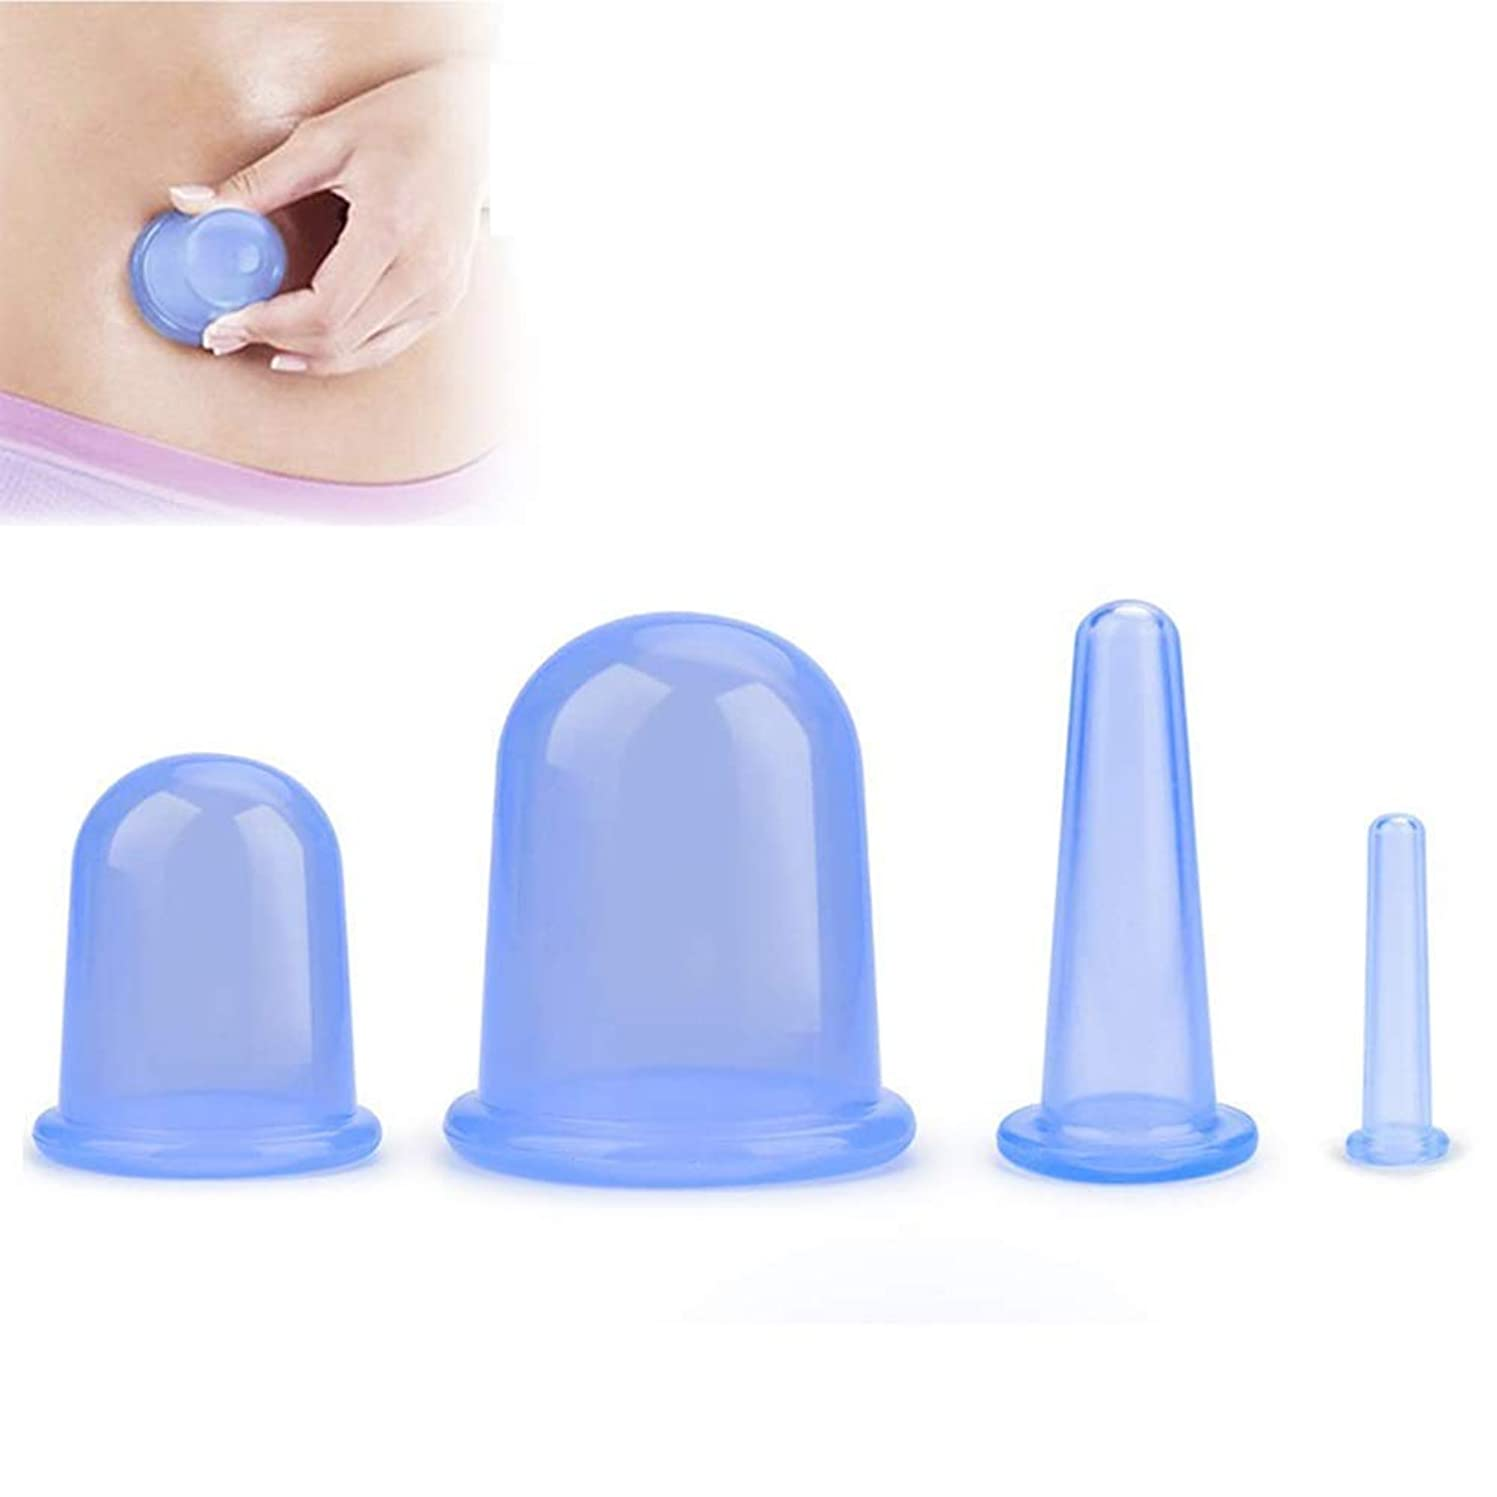 決定するコスチューム毒性吸玉 自宅エステ カッピングカップ マッサージ –フェイスカッピングに加えて、筋膜、リンパ管のドレナージ、または自然な痛みを和らげるためのアンチセルライトカップが含まれています(4個) (Color : 緑)